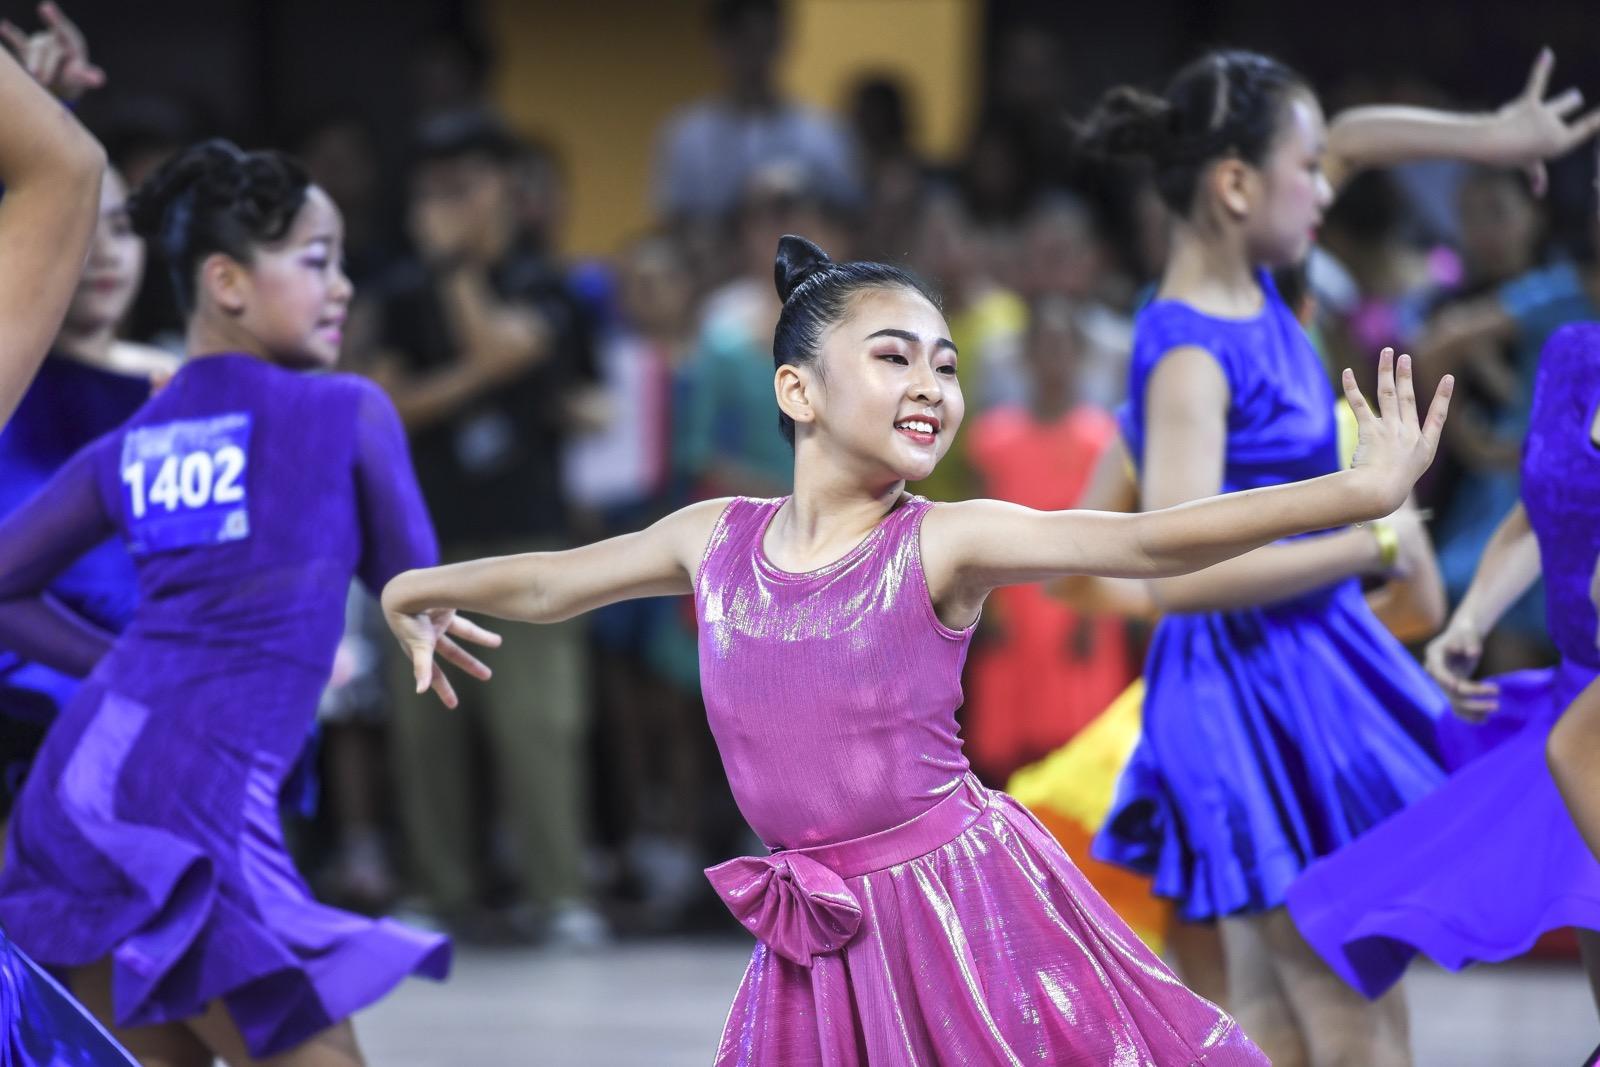 推广体育舞蹈 提高青少年身体素质